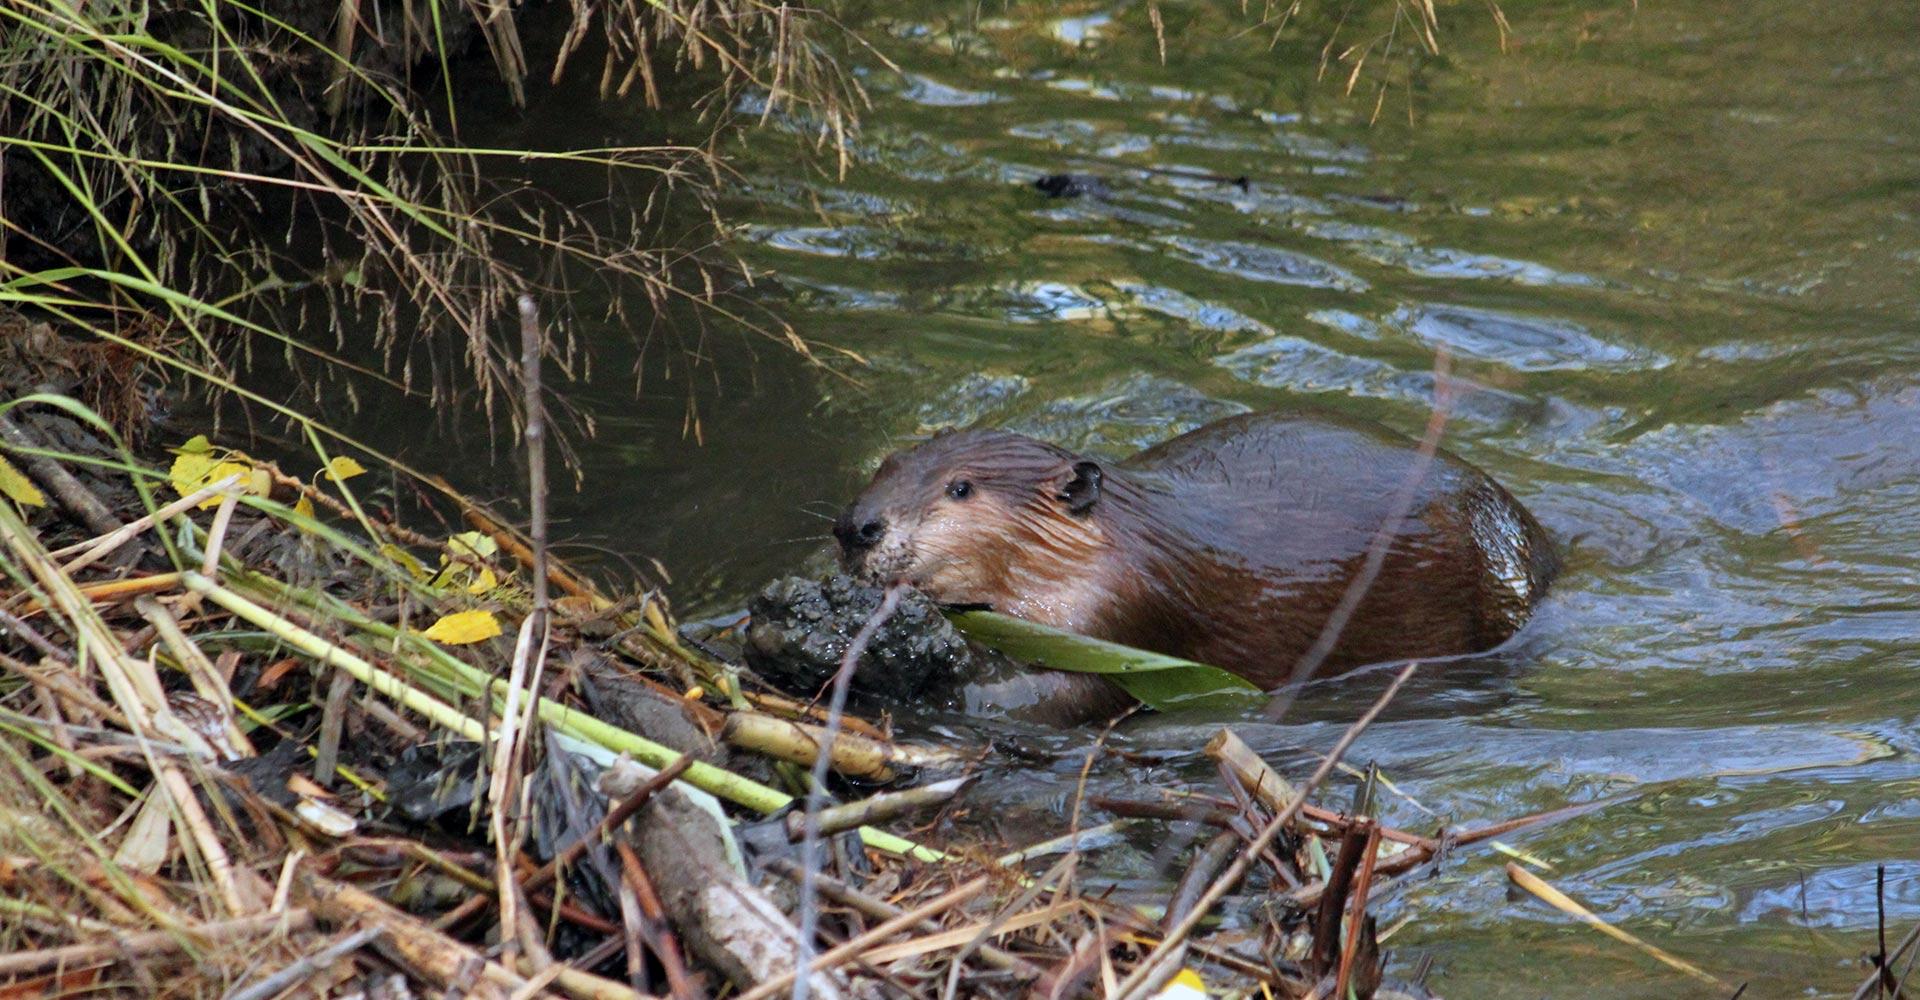 Mudding Beaver Dam